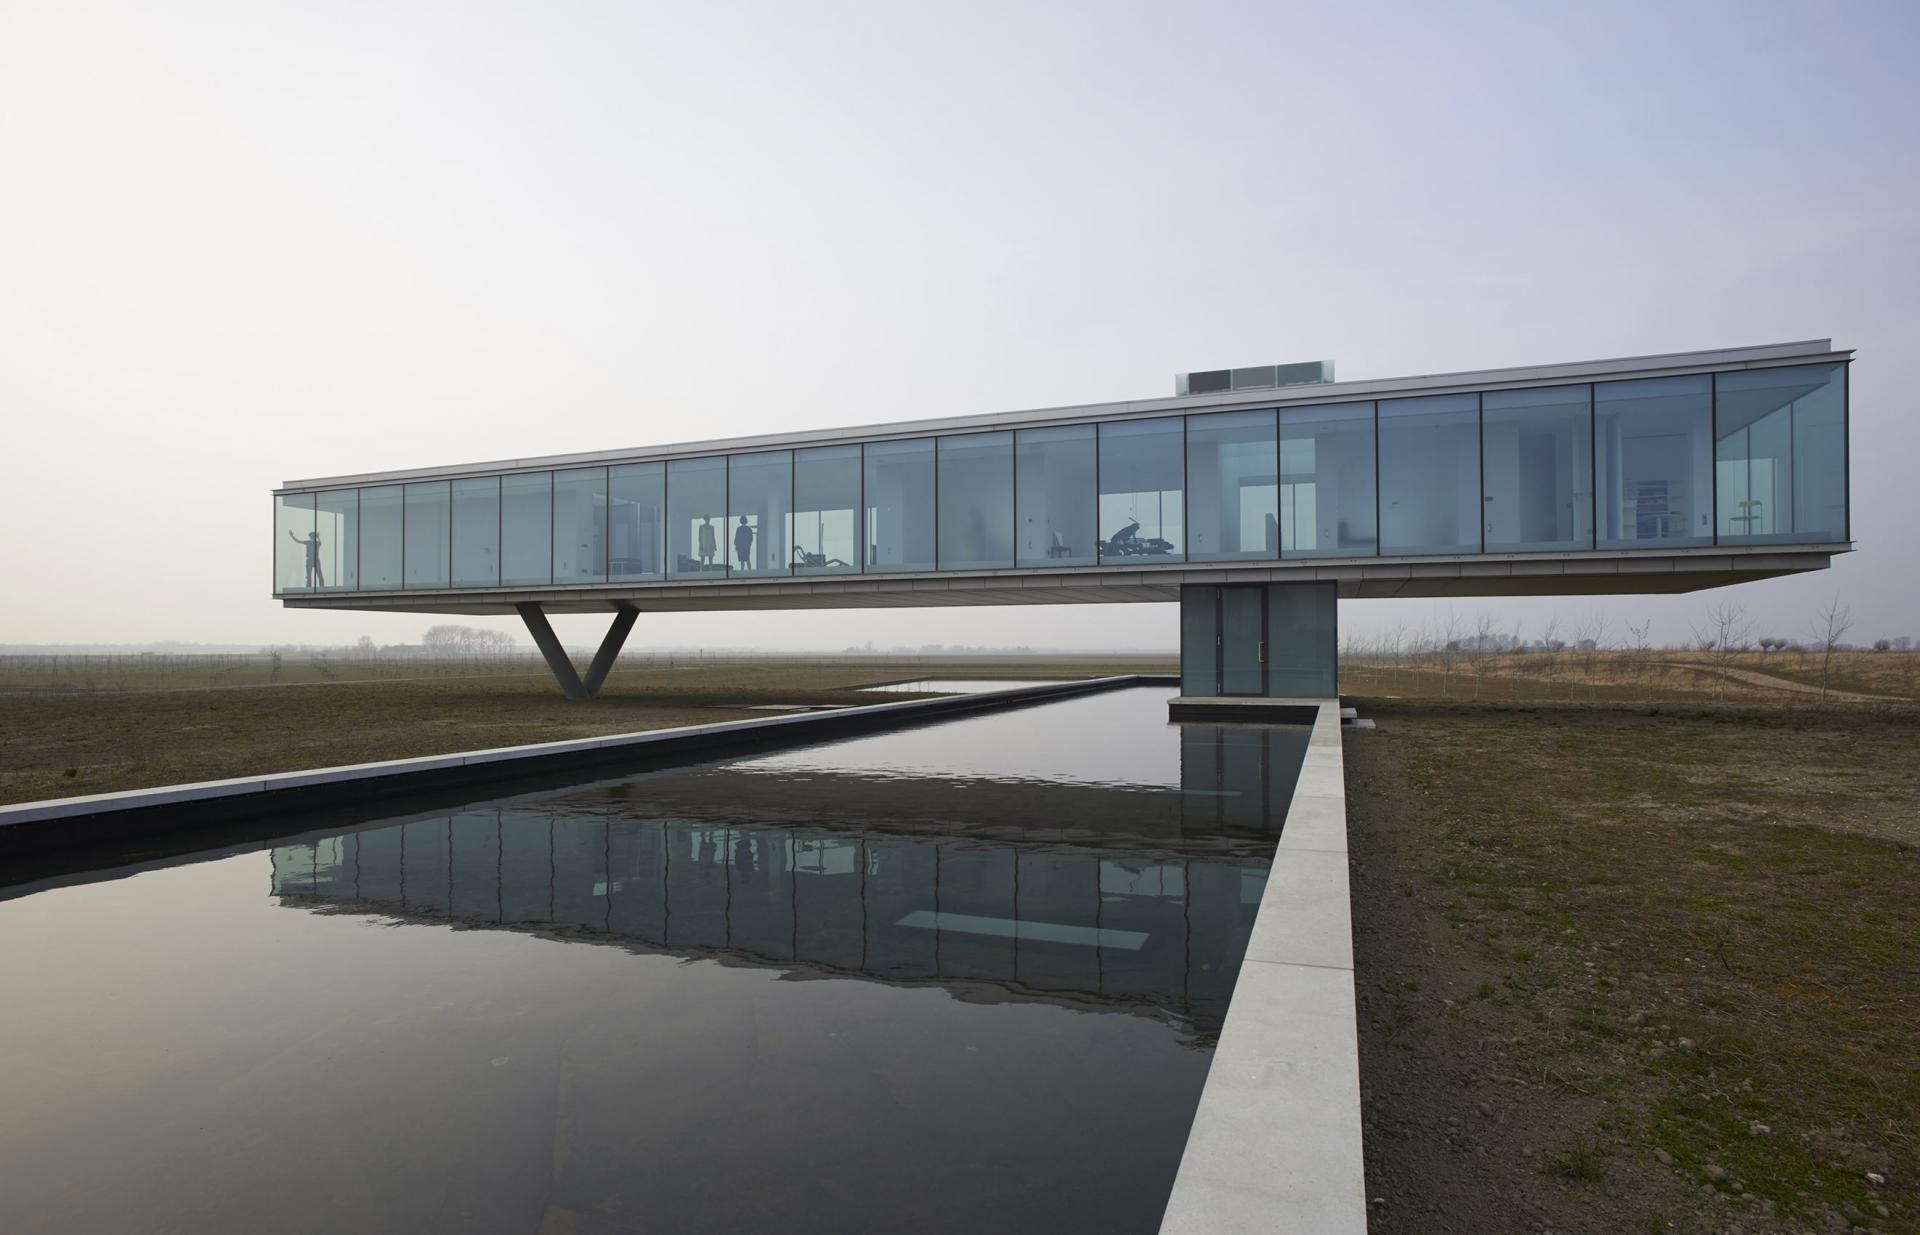 ویلایی با معماری منحصر به فرد